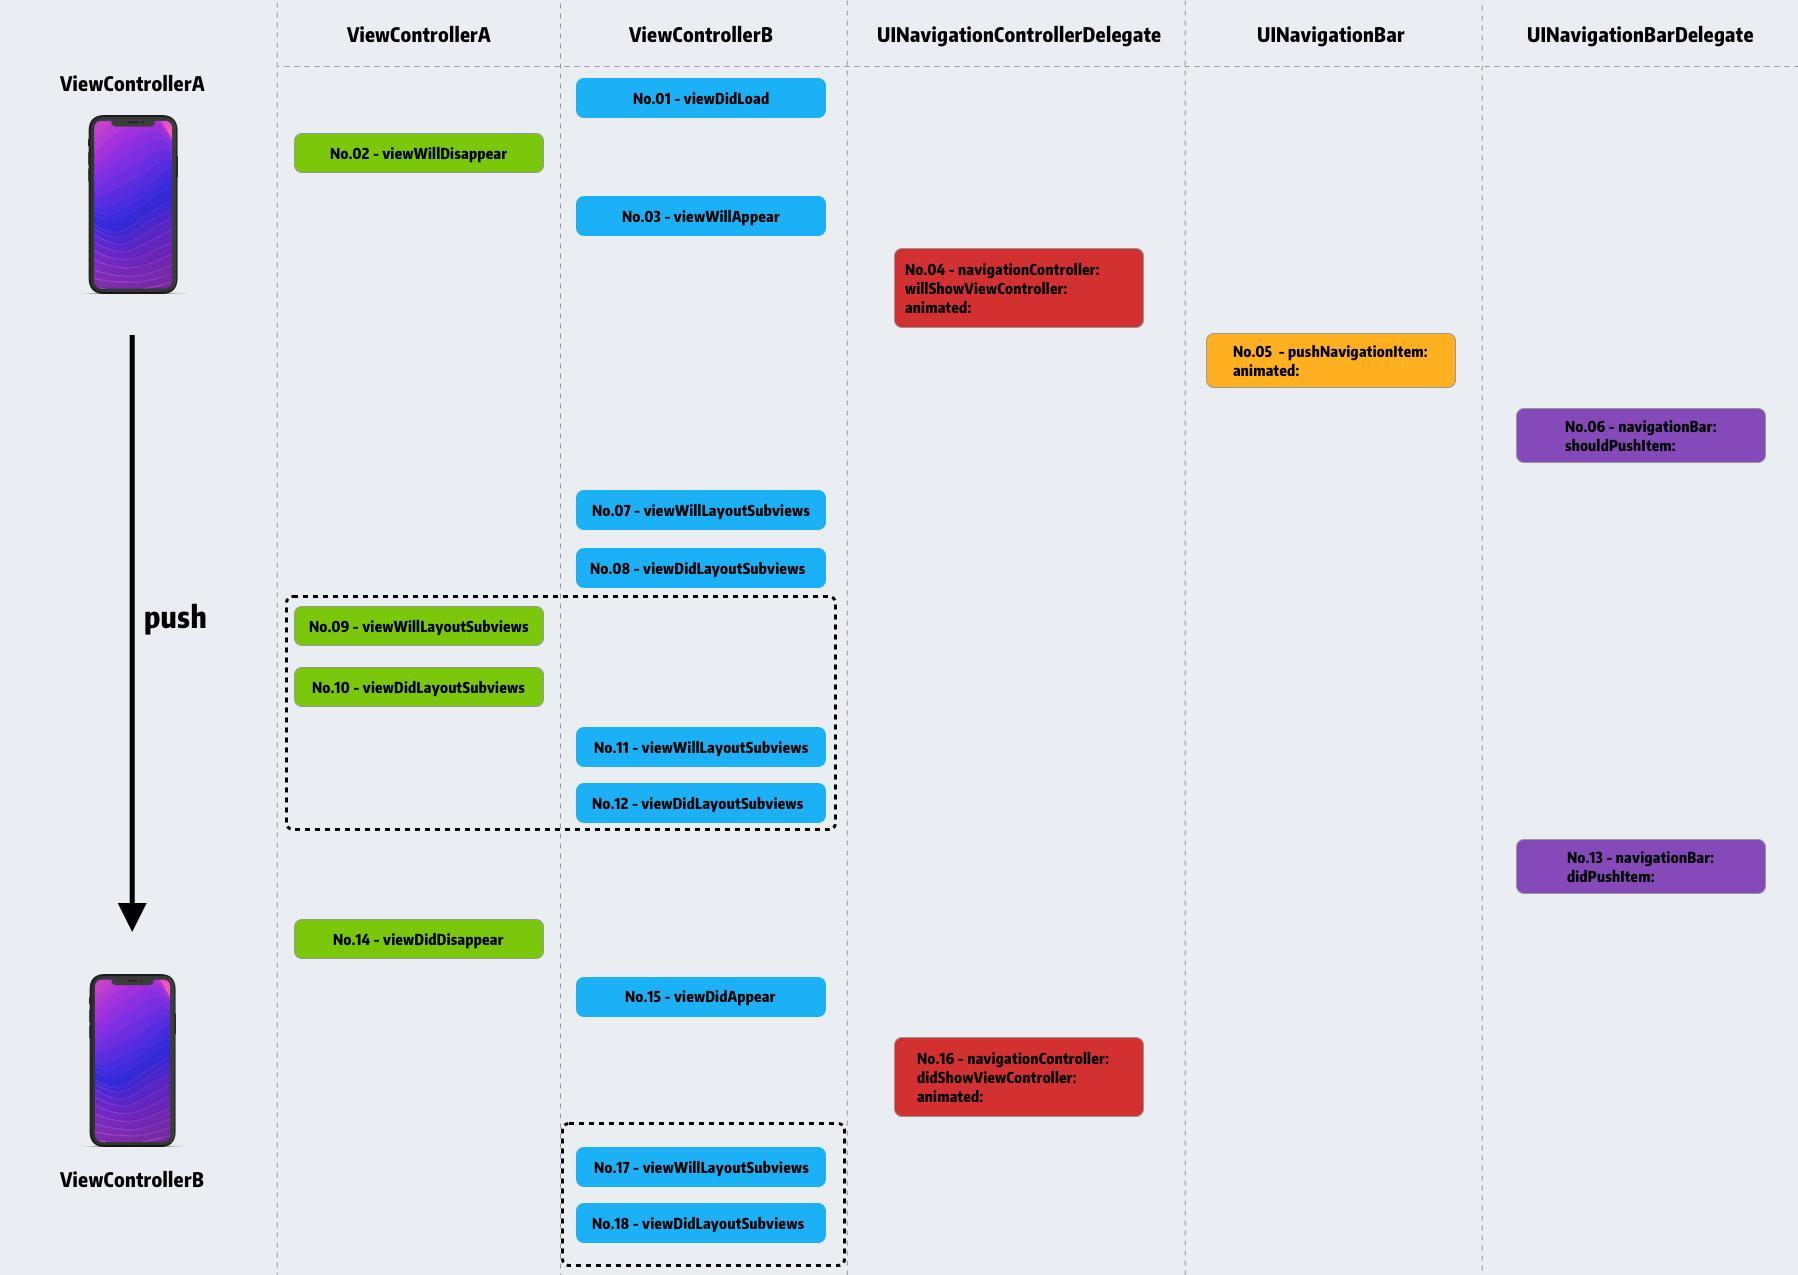 UINavigationBar lifecycle